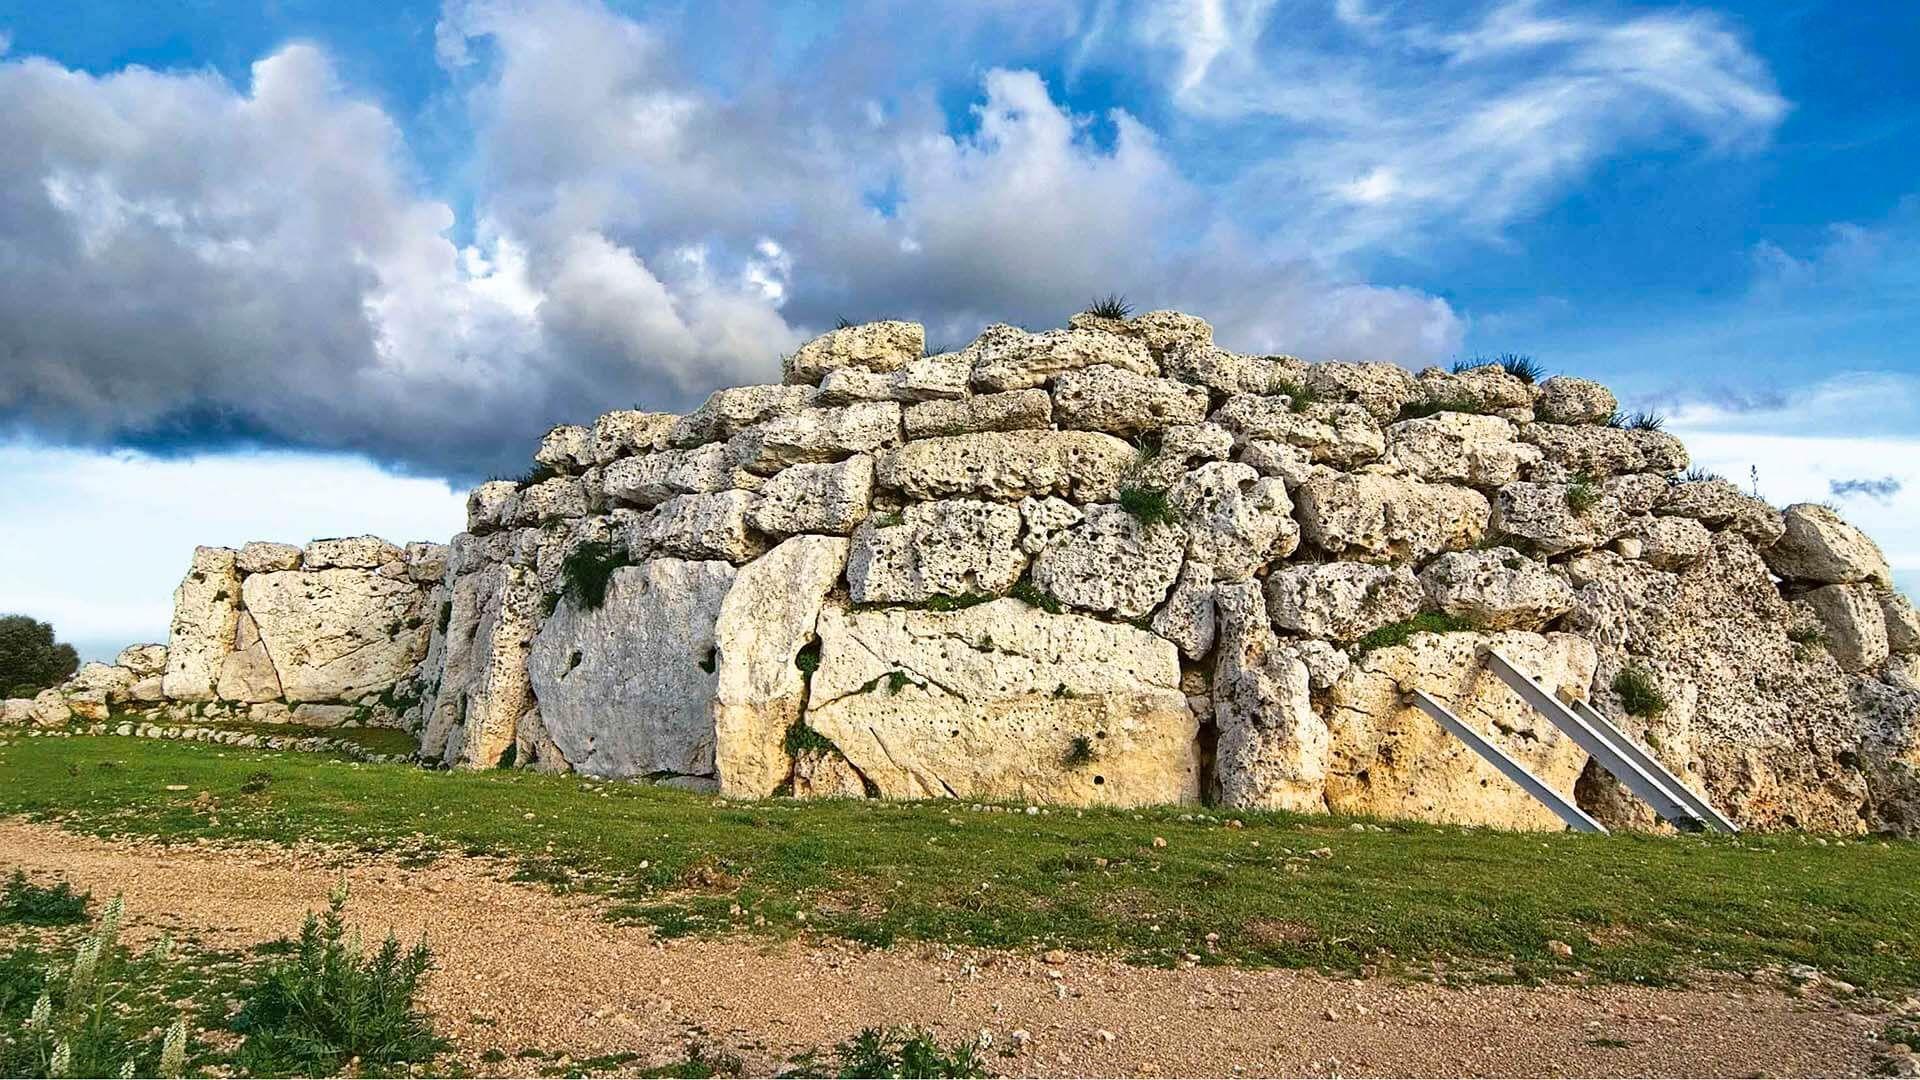 Ġgantija, Malta